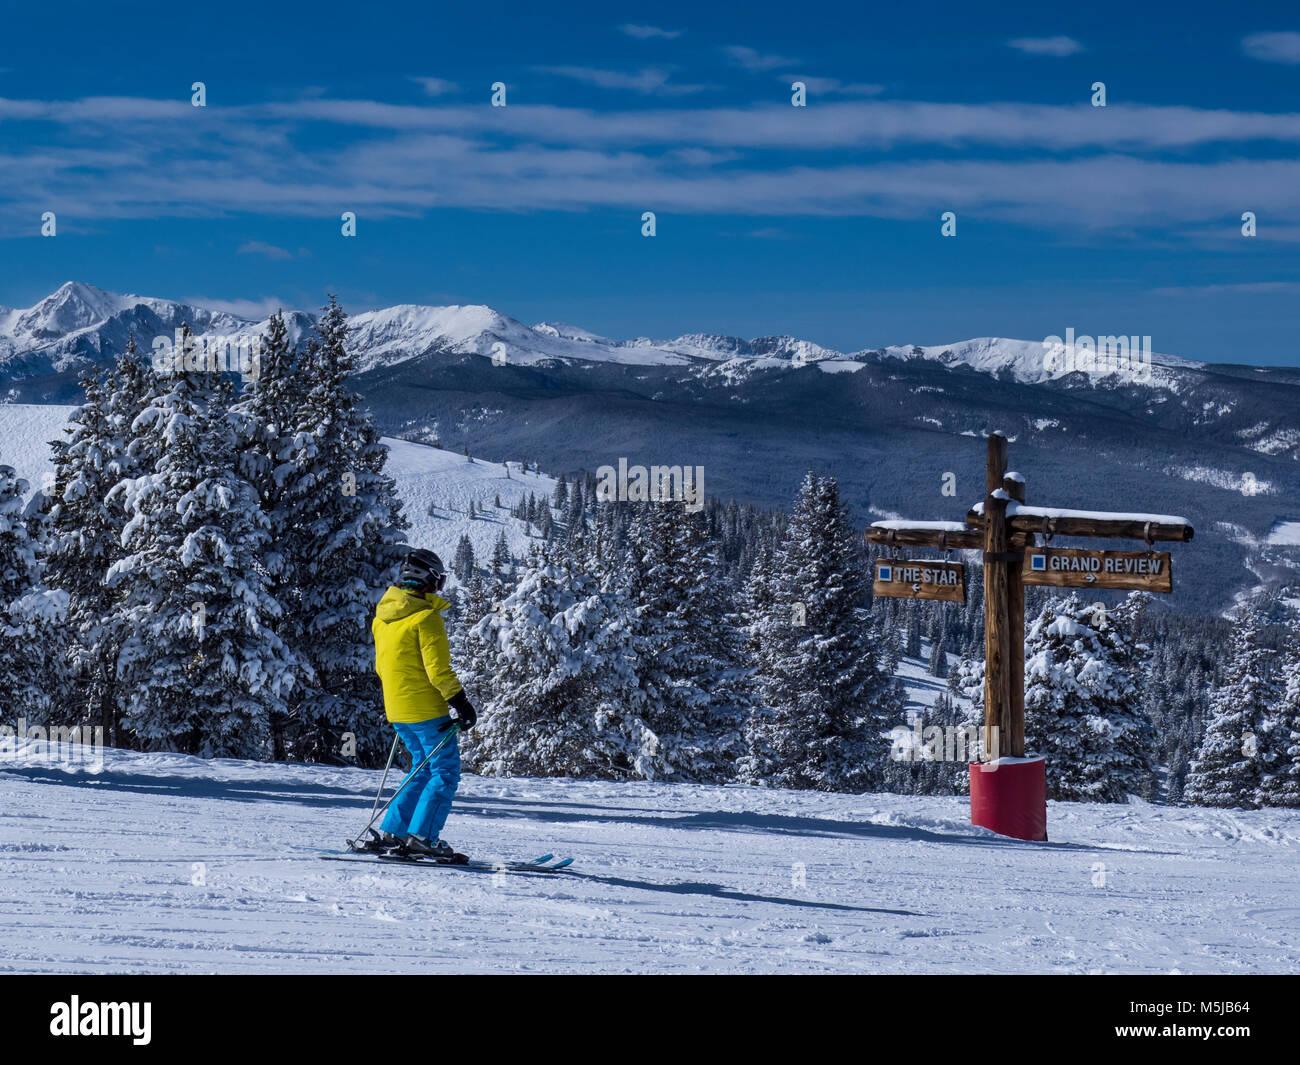 Giunzione della stella e Grand Review piste da sci, inverno, Blue Sky Basin, Vail Ski Resort, Vail Colorado. Immagini Stock